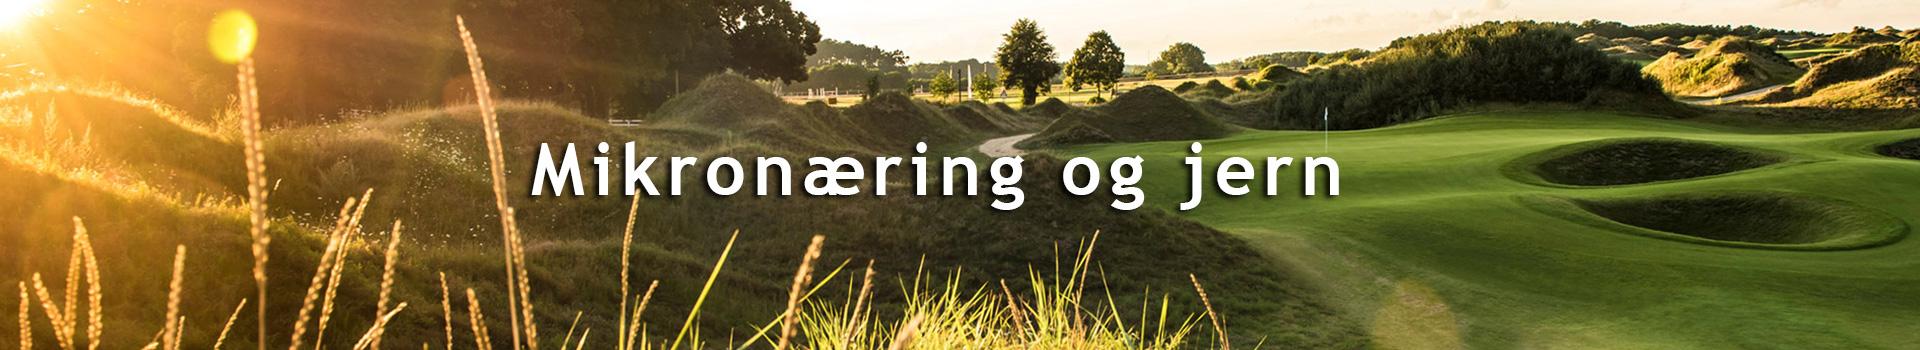 Kategoribillede_mikornaering_og_jern_DK